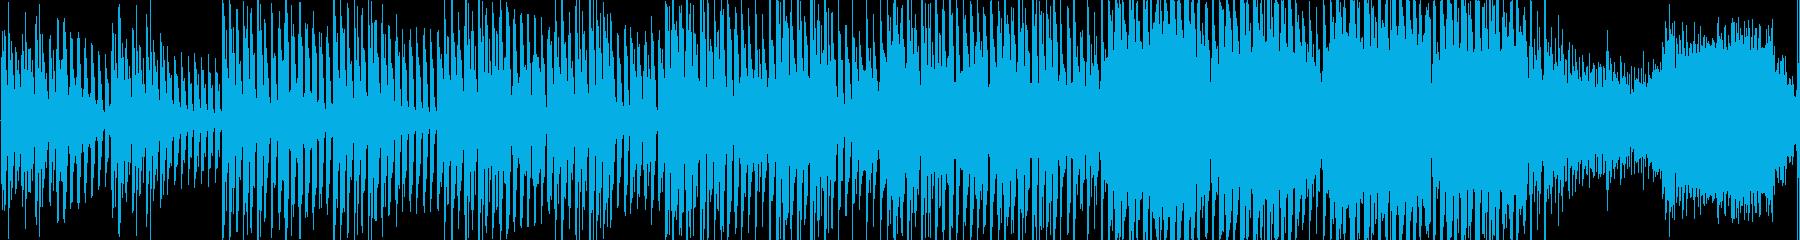 和風テクノループ音源の再生済みの波形